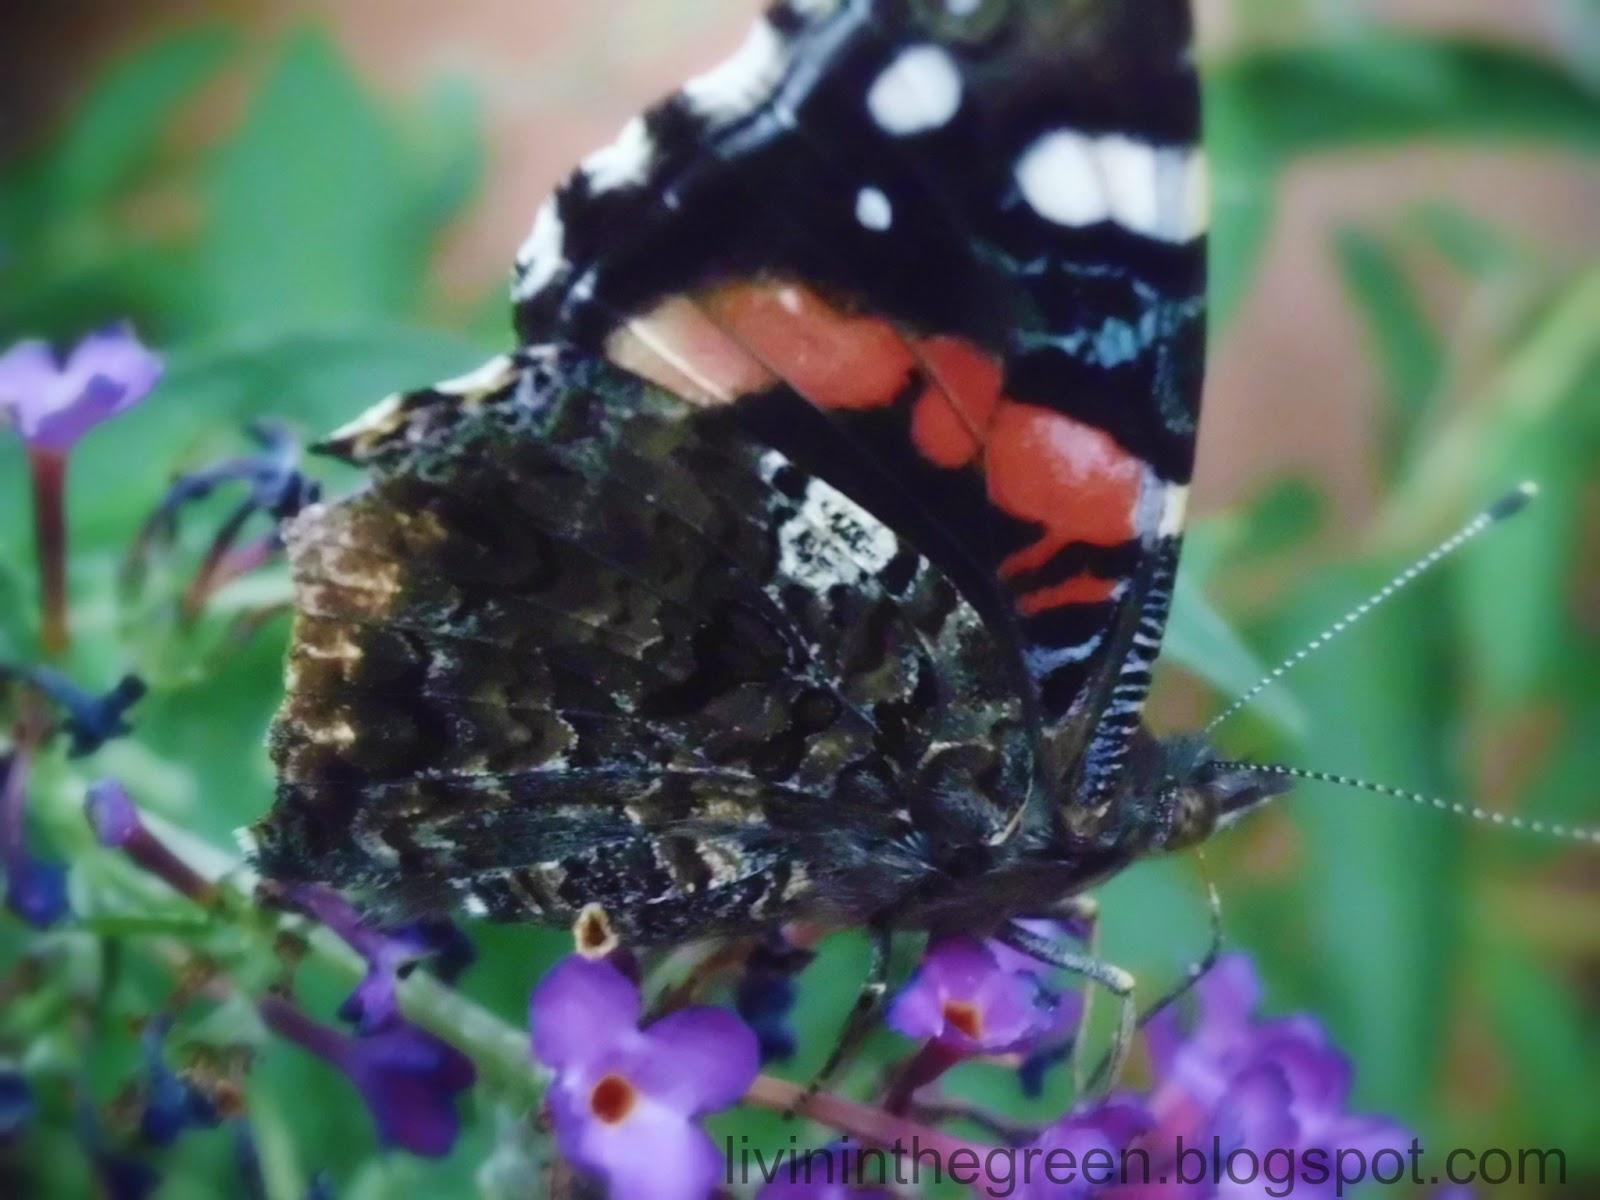 Livin 'In The Green: Atraer a las mariposas: Plantar estas y ellas vendrán ...